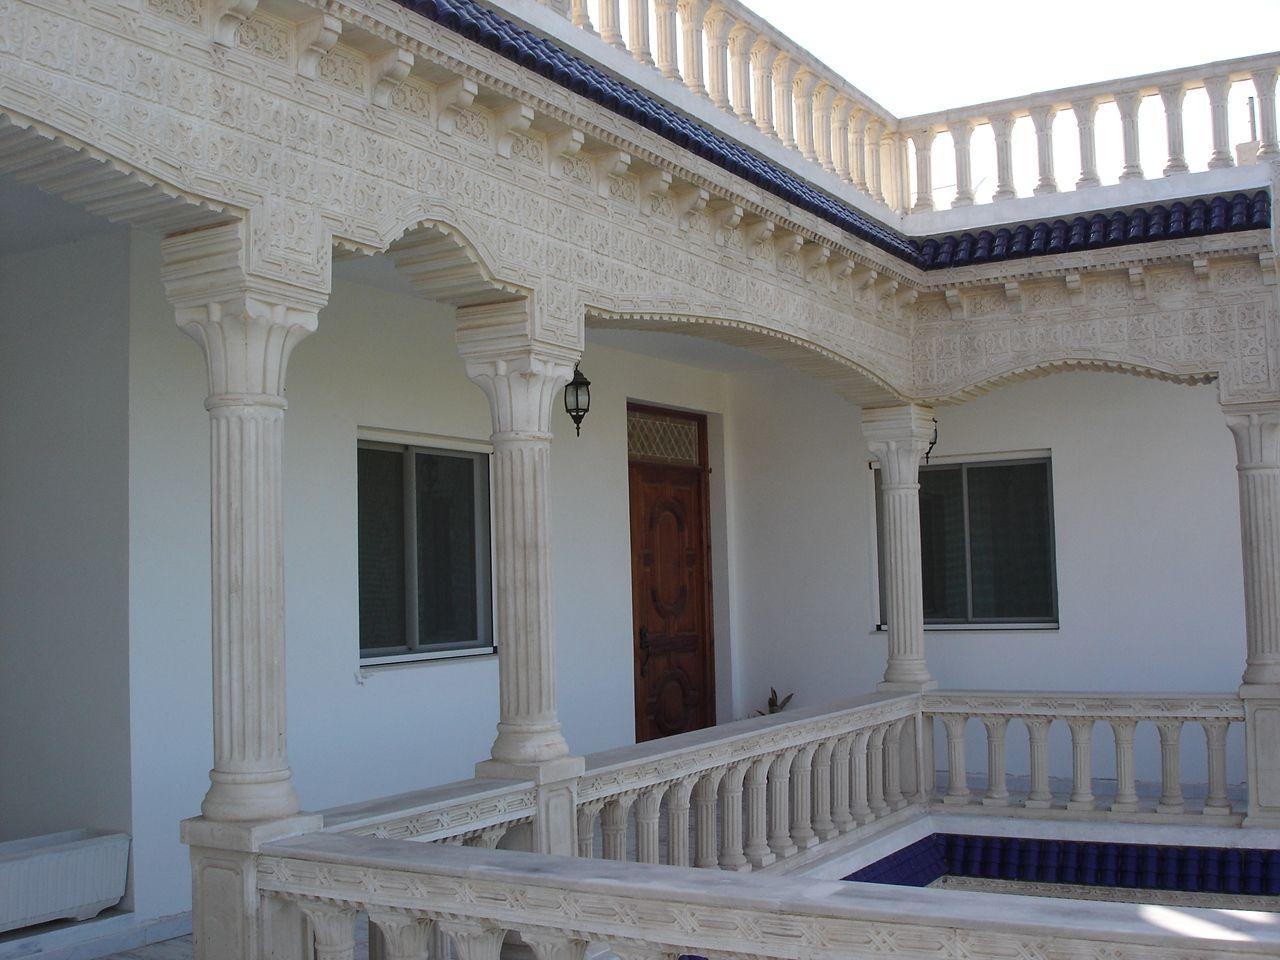 Maison a diar ben salem beni khiar vente maison diar for Acheter une maison en tunisie